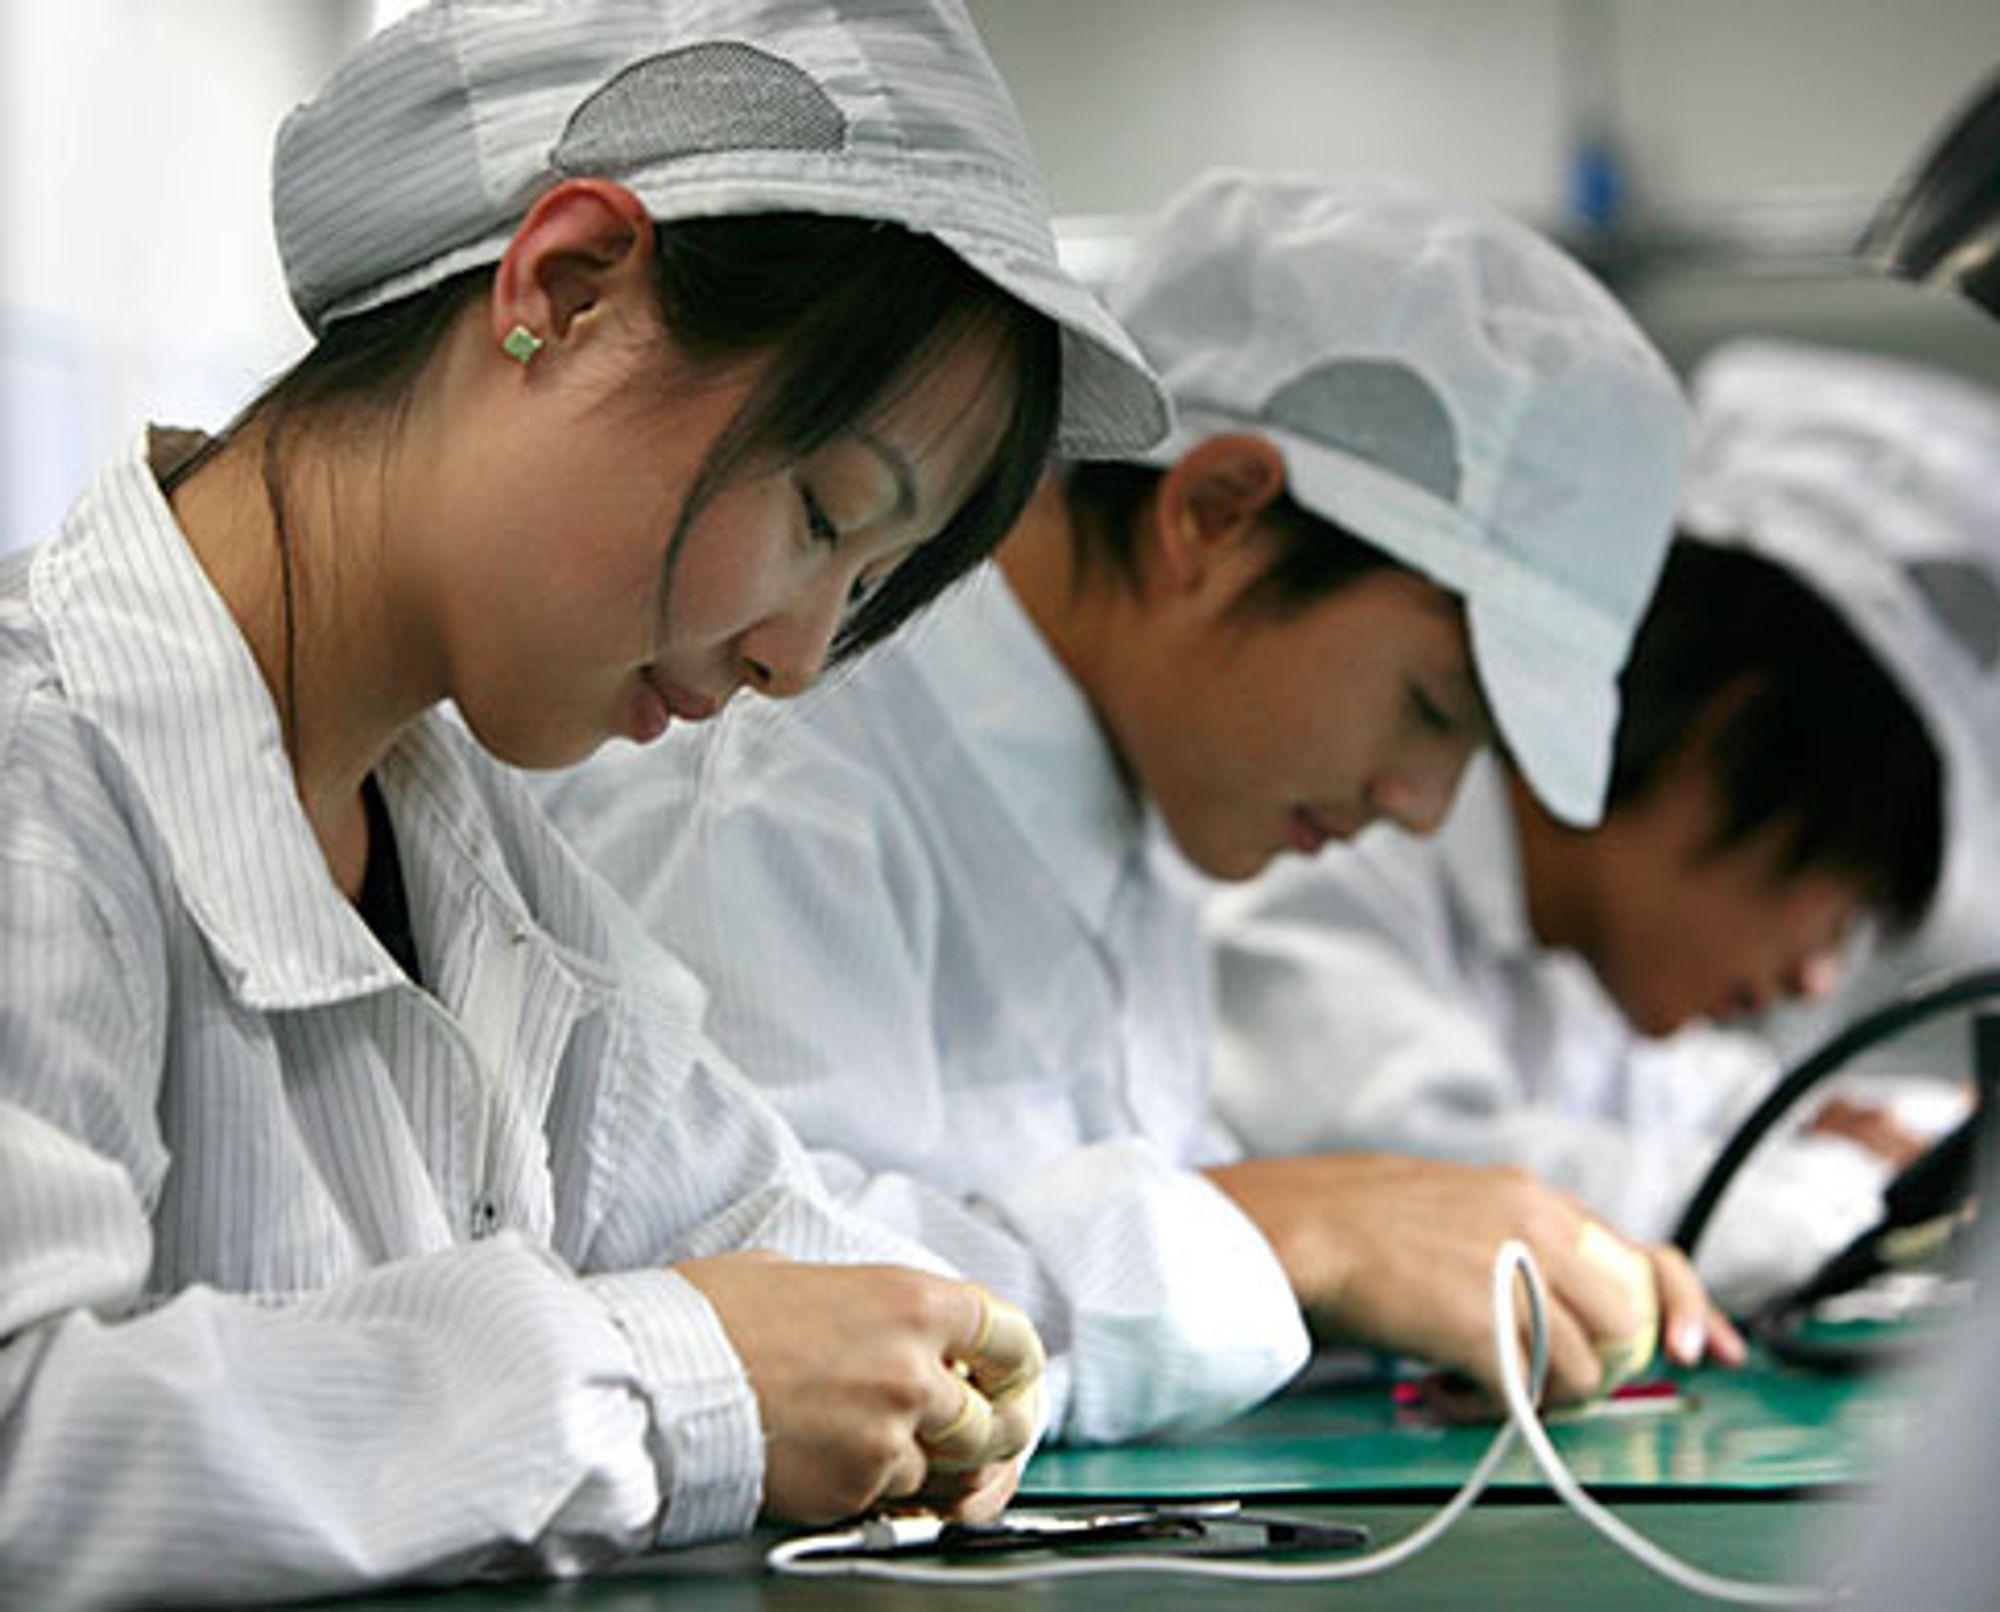 Apple tar flere grep for å verne om rettighetene til arbeidere i hos selskapets leverandører.